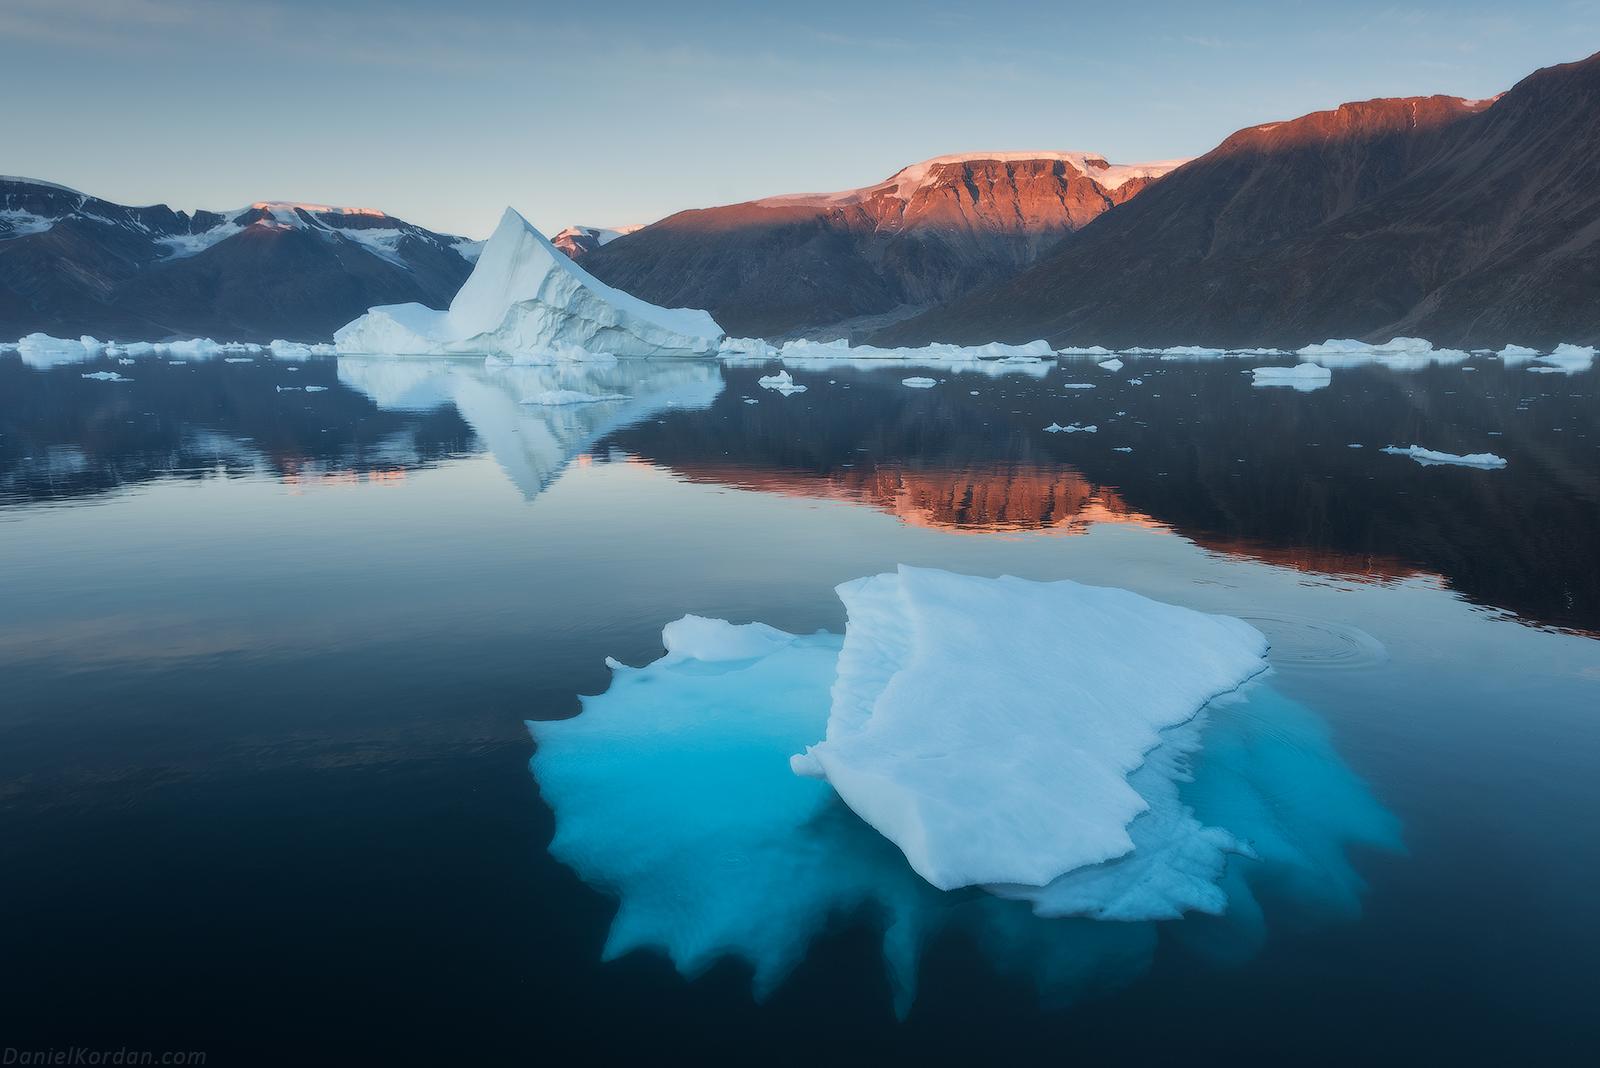 Wschodnia Grenlandia to kraina ogromnych gór stołowych, zatopionych fiordów i gigantycznych gór lodowych w lecie.